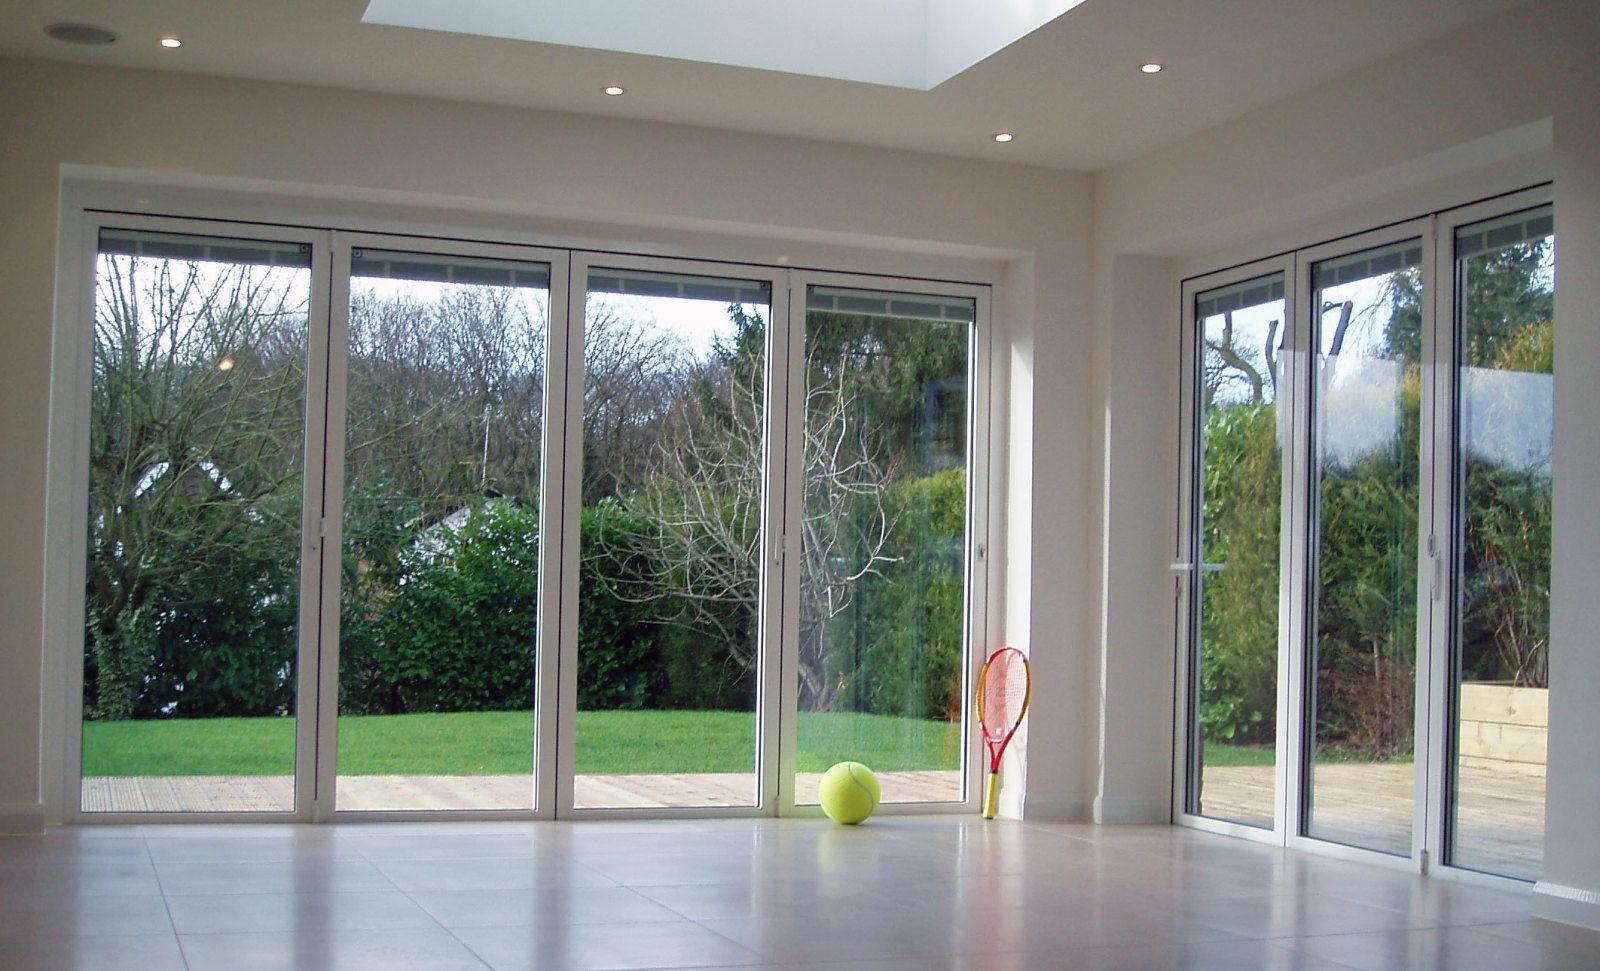 Crea maravillosas puertas de salida al jard n con las puertas plegables de aluminio espo - Puerta terraza ...